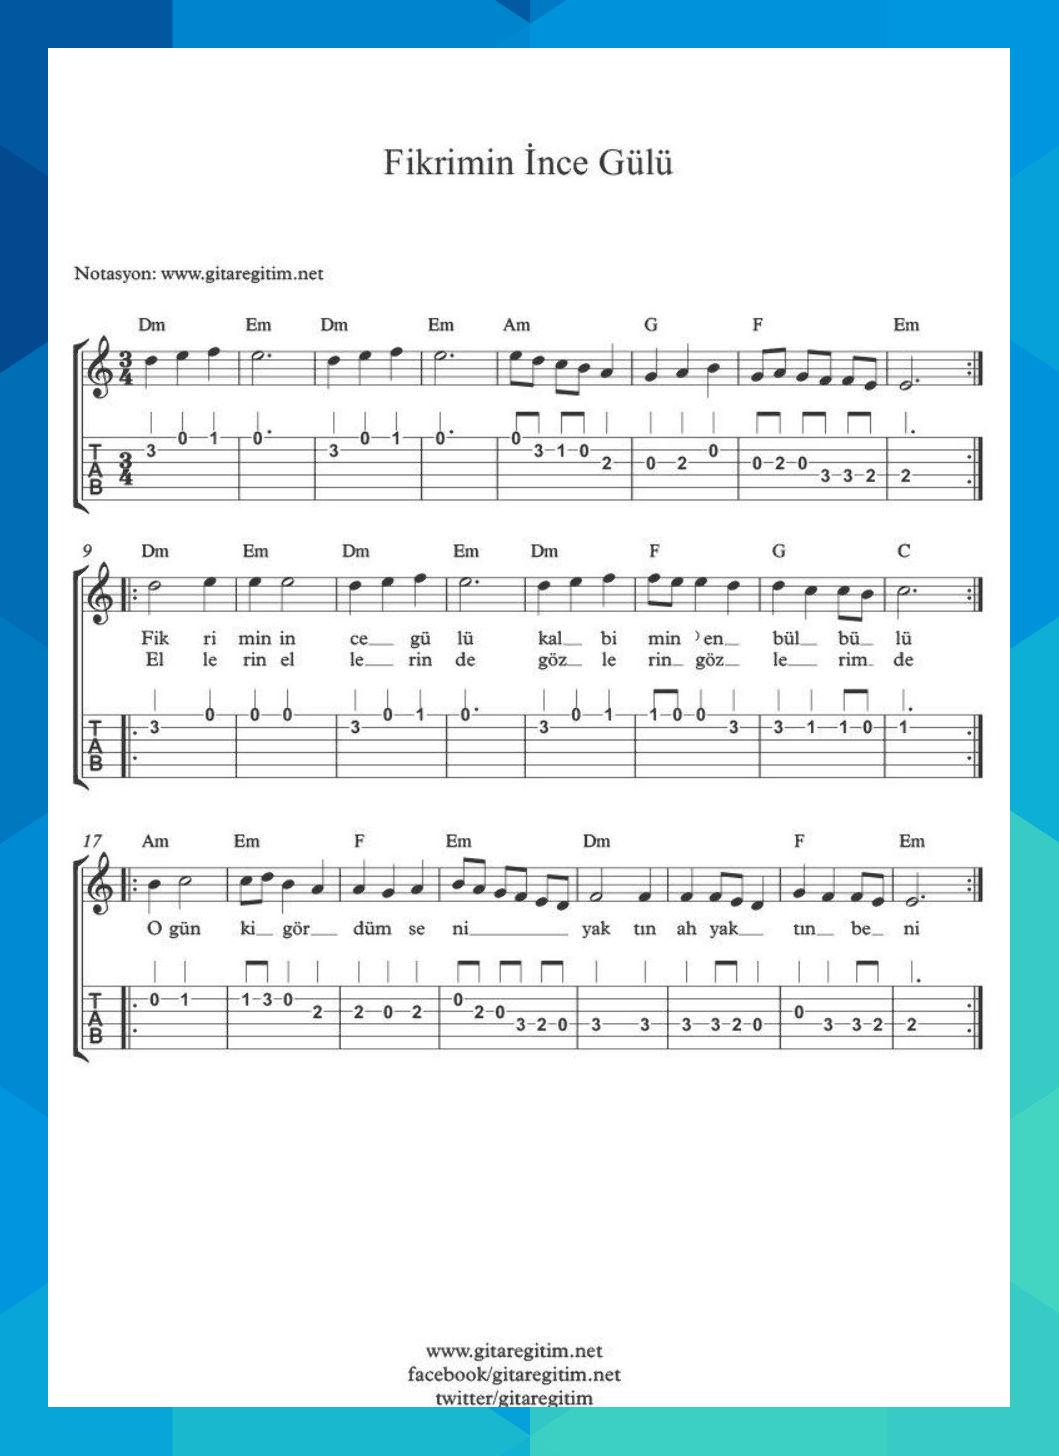 Fikrimin Ince Gulu Nota Tab Akor Guitar Gitar Nota Tab Score Music Muzik Tenamule1 Notalara Dokulmus Muzik Muzik Notalari Muzik Calisma Kagitlari